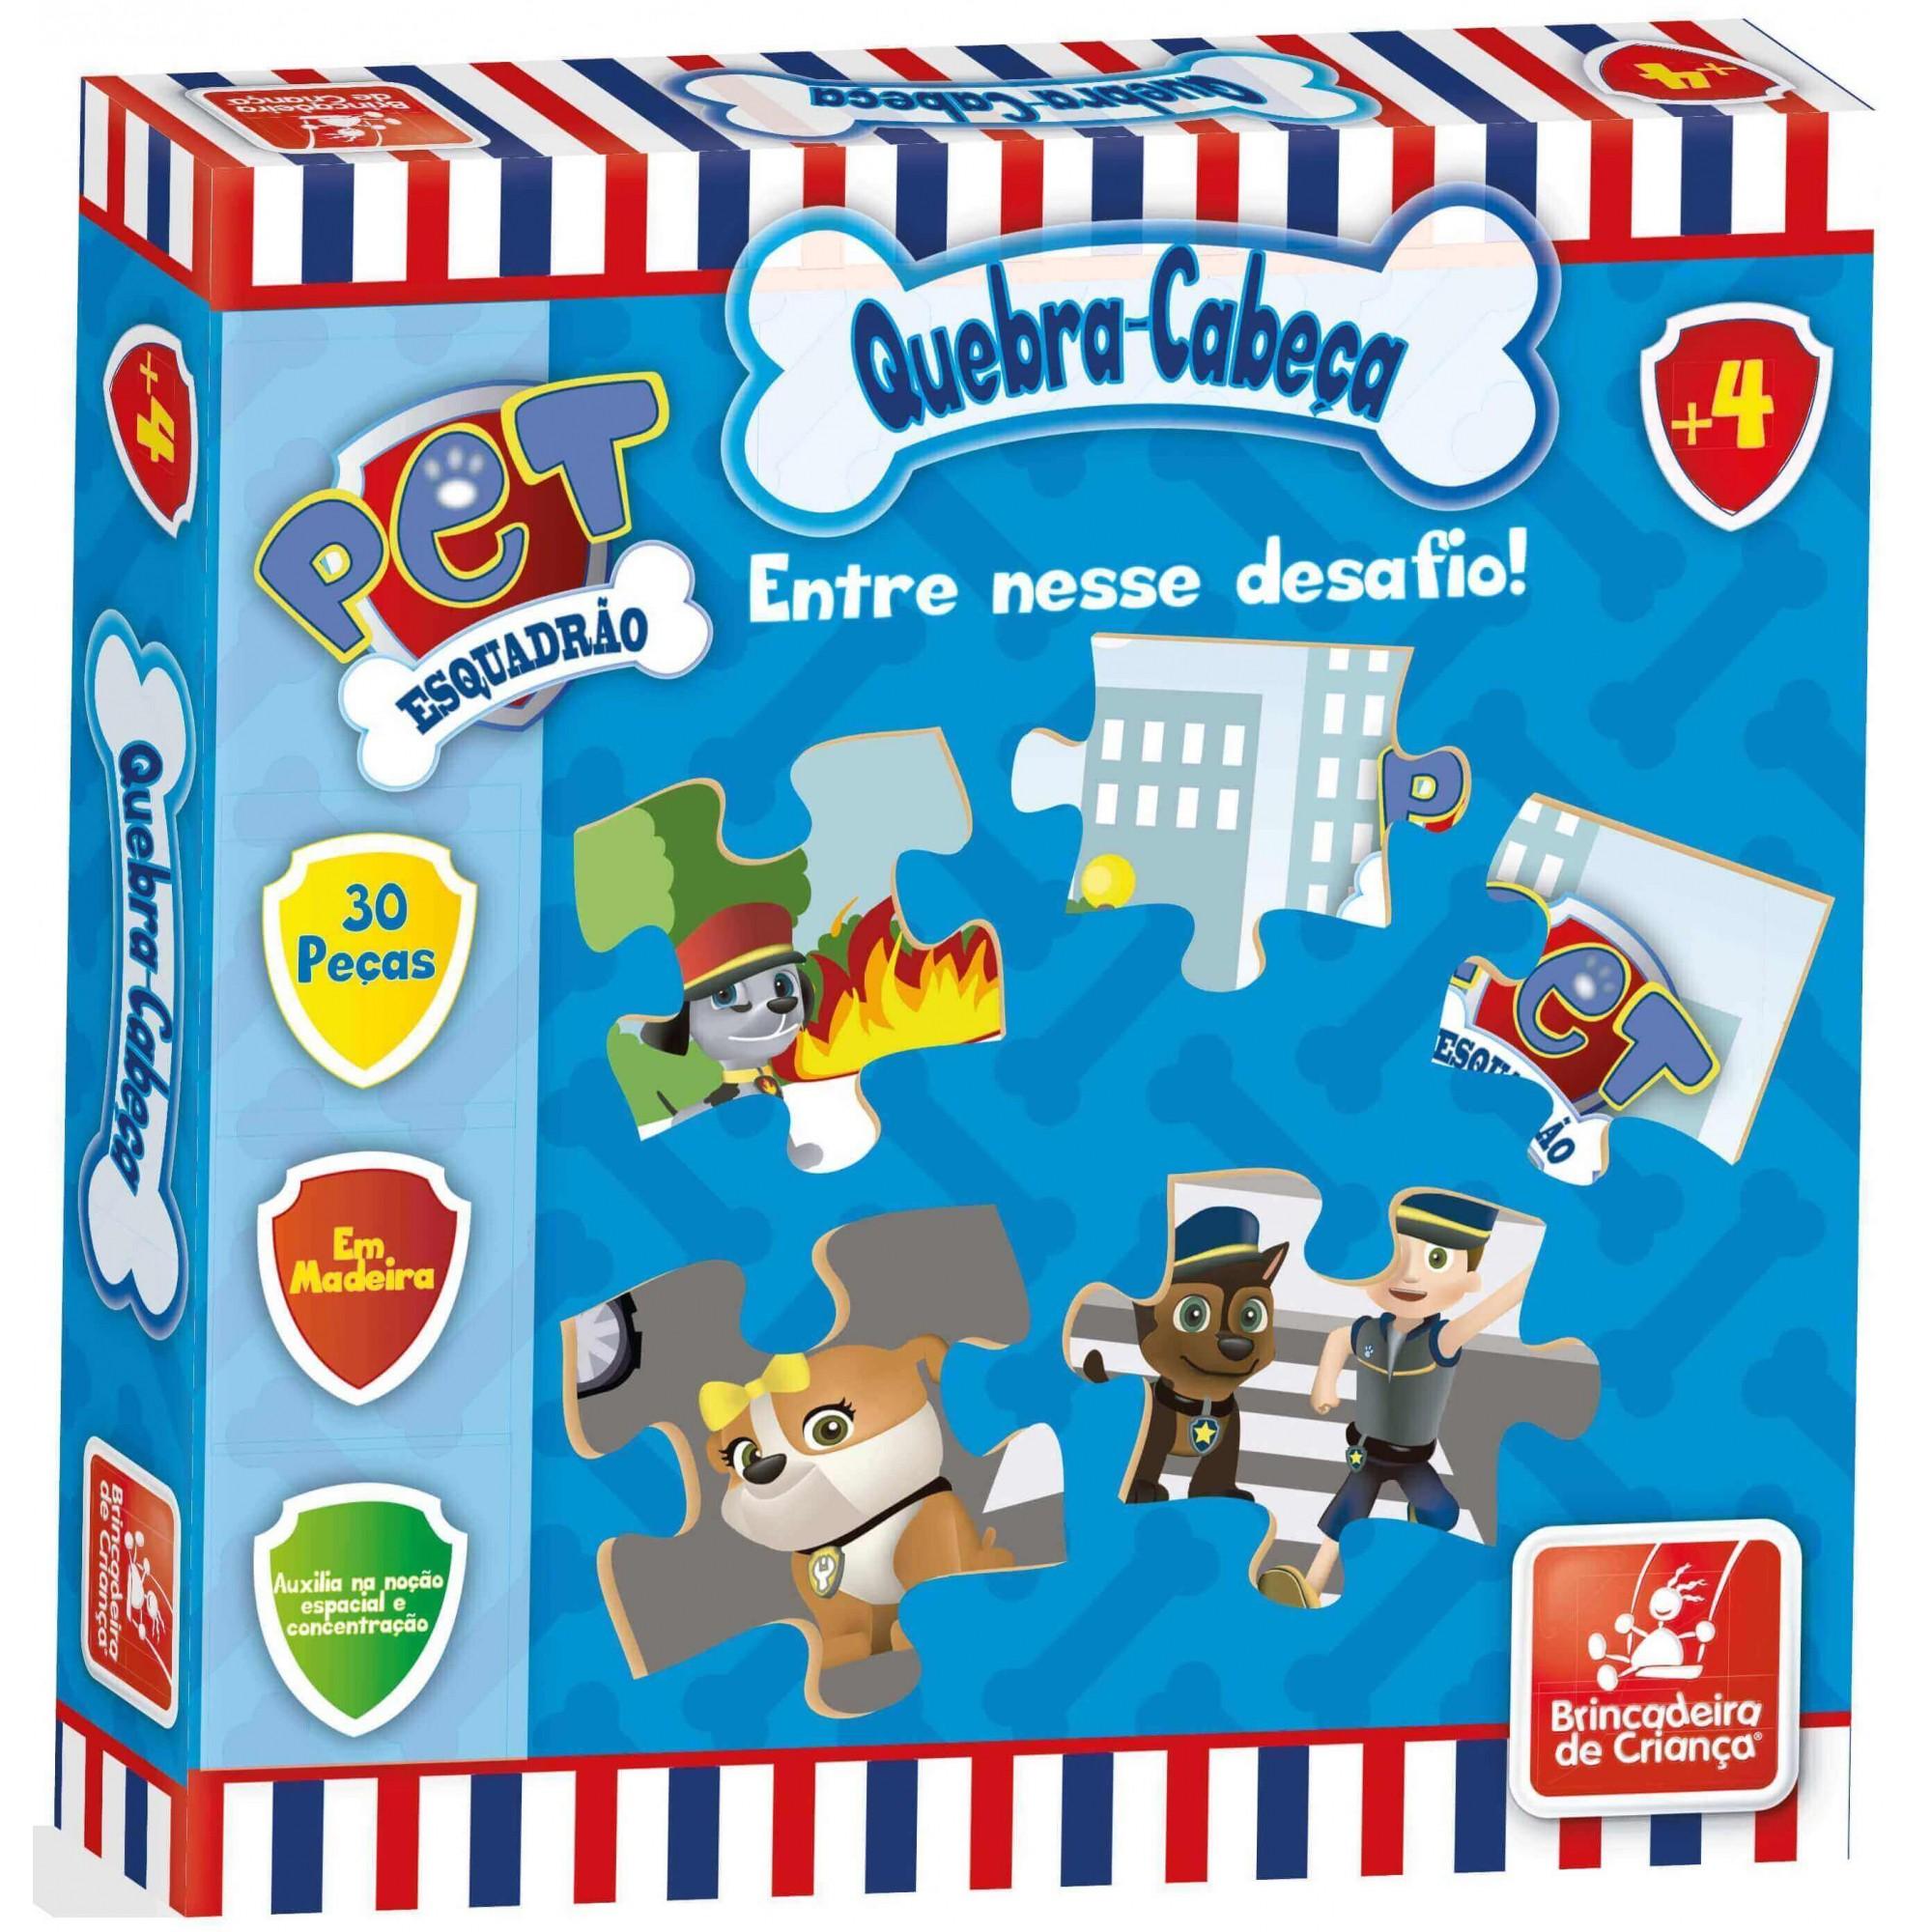 Quebra-Cabeça Esquadrão Pet 30 Peças Em Madeira Brincadeira De Criança